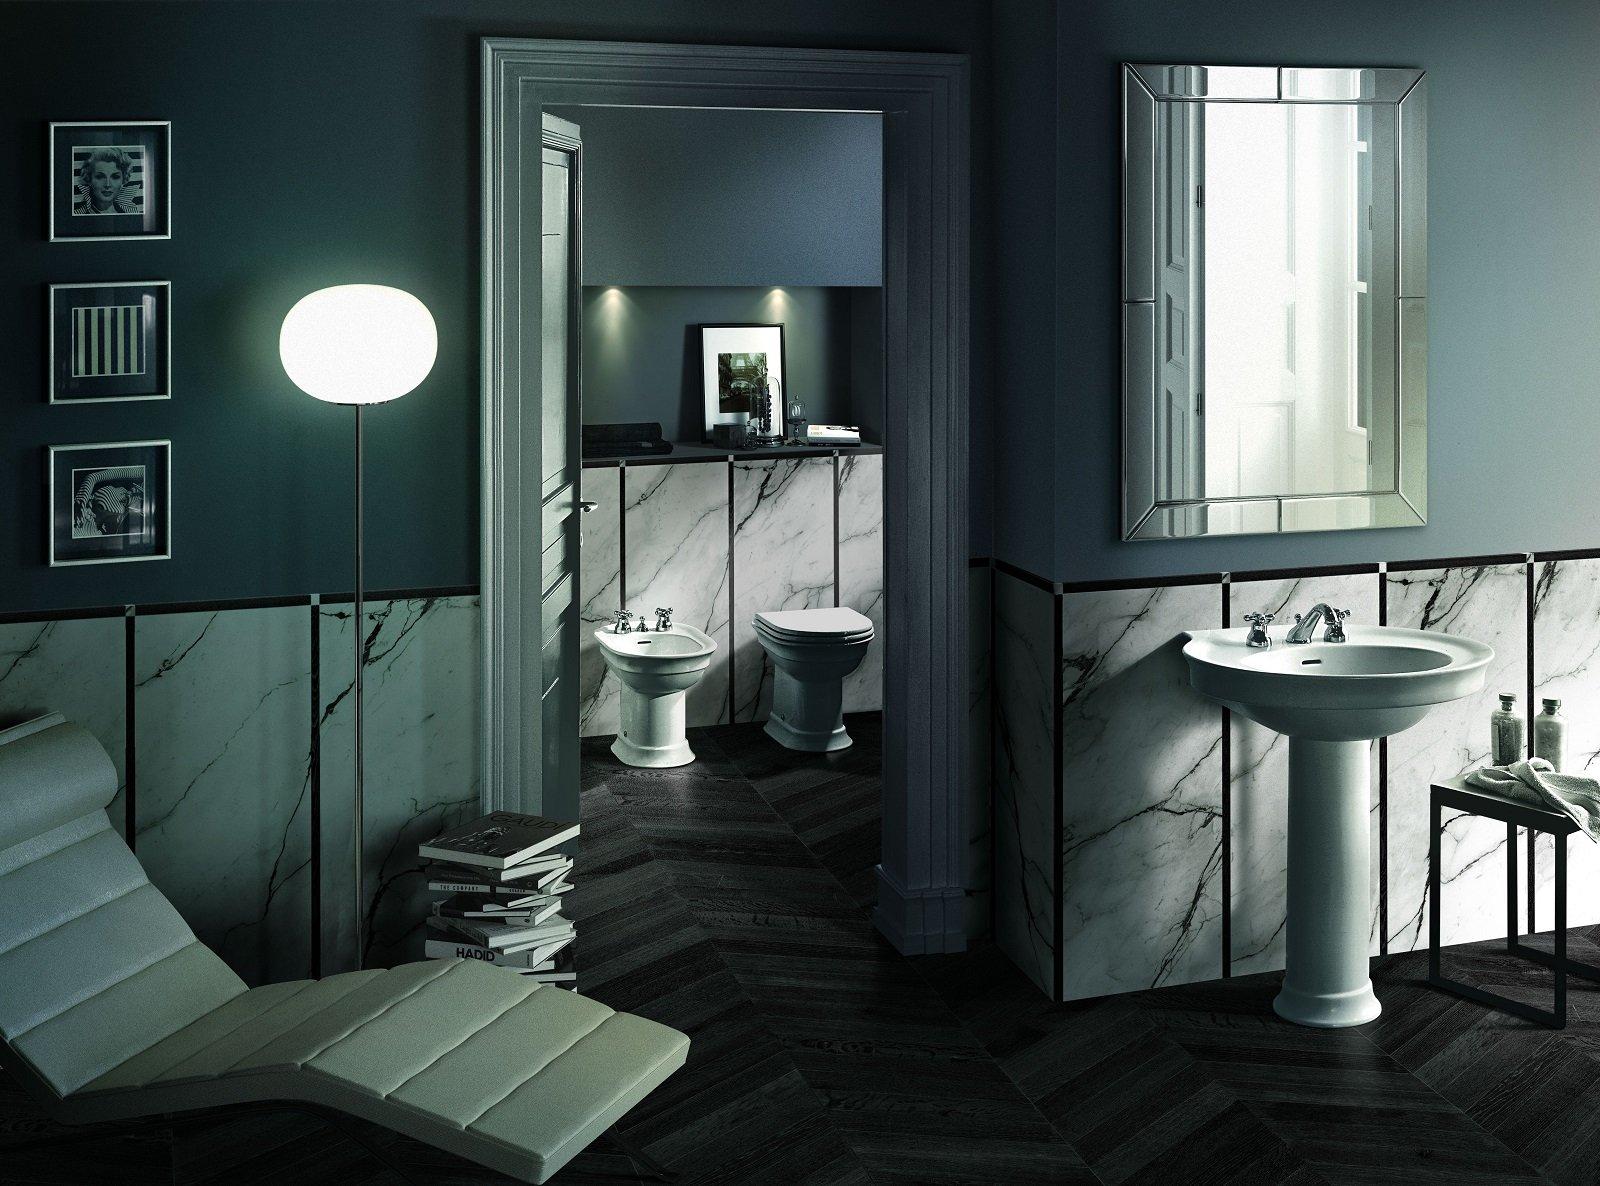 Scarico Della Vasca Da Bagno In Inglese : Realizzare un raffinato ambiente bagno di gusto romantico e retrò